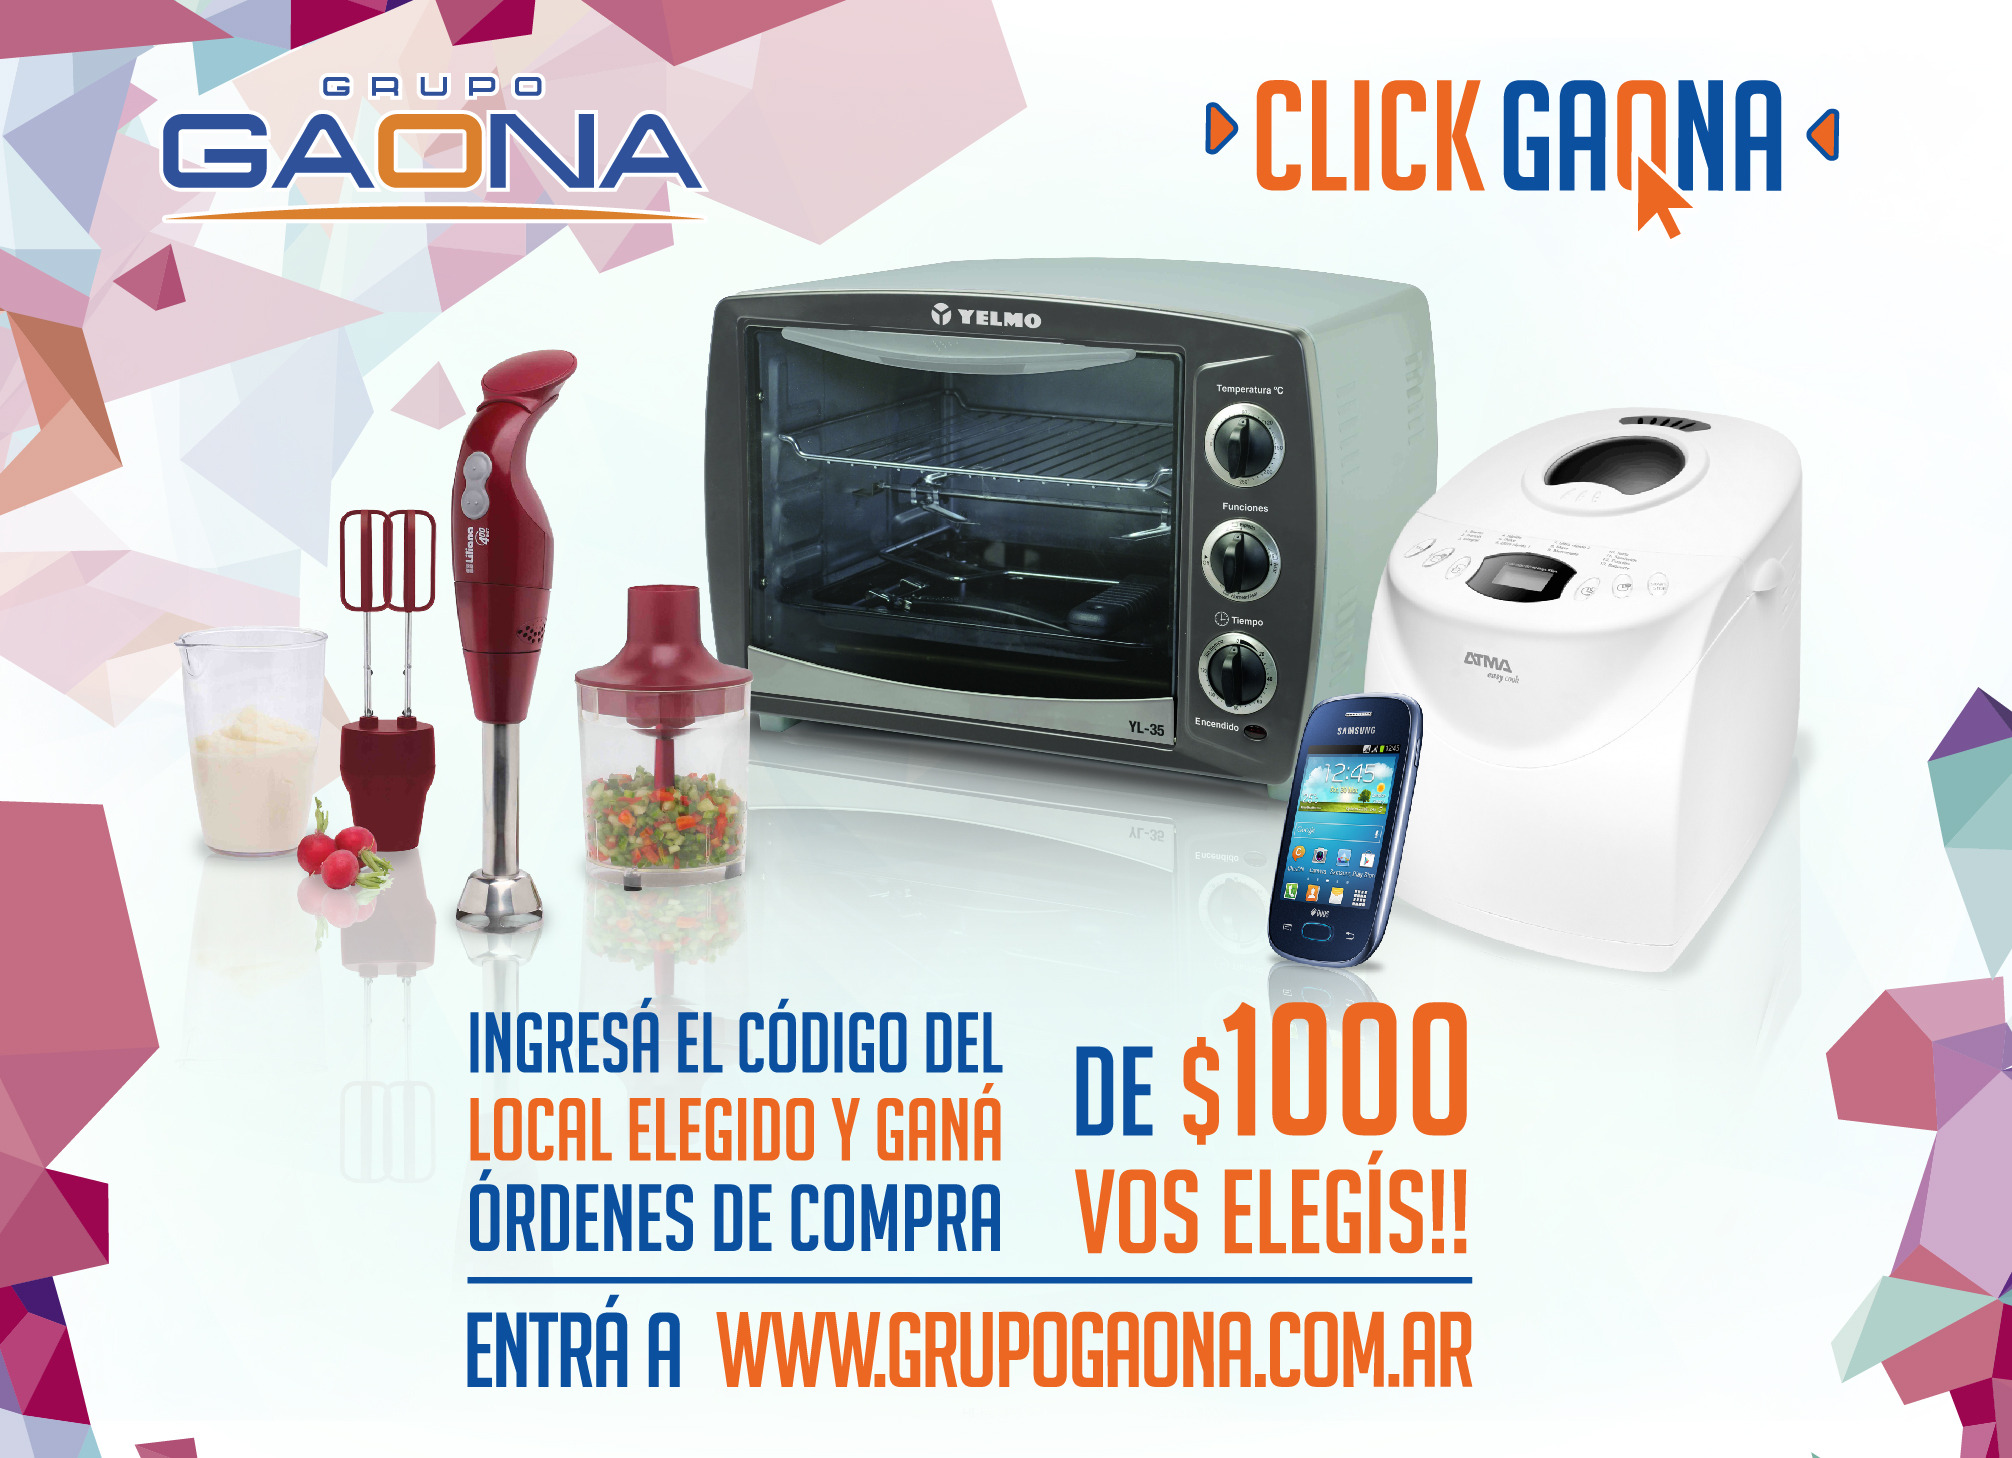 Grupo Gaona (Electro Y Tecnología):